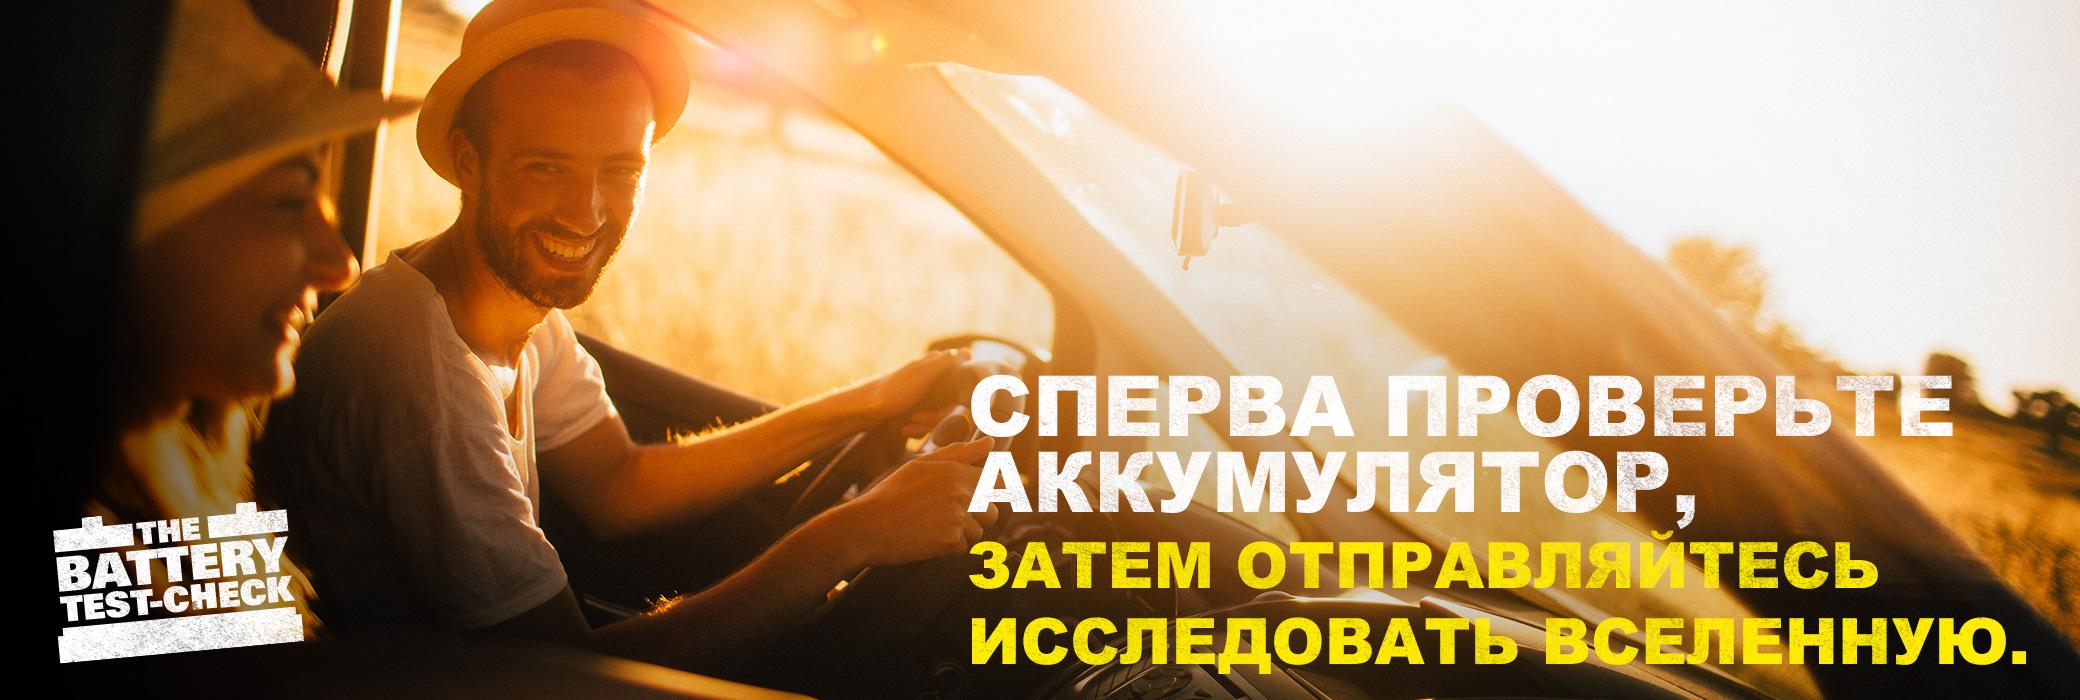 b2c_header_new_website_ru.jpg